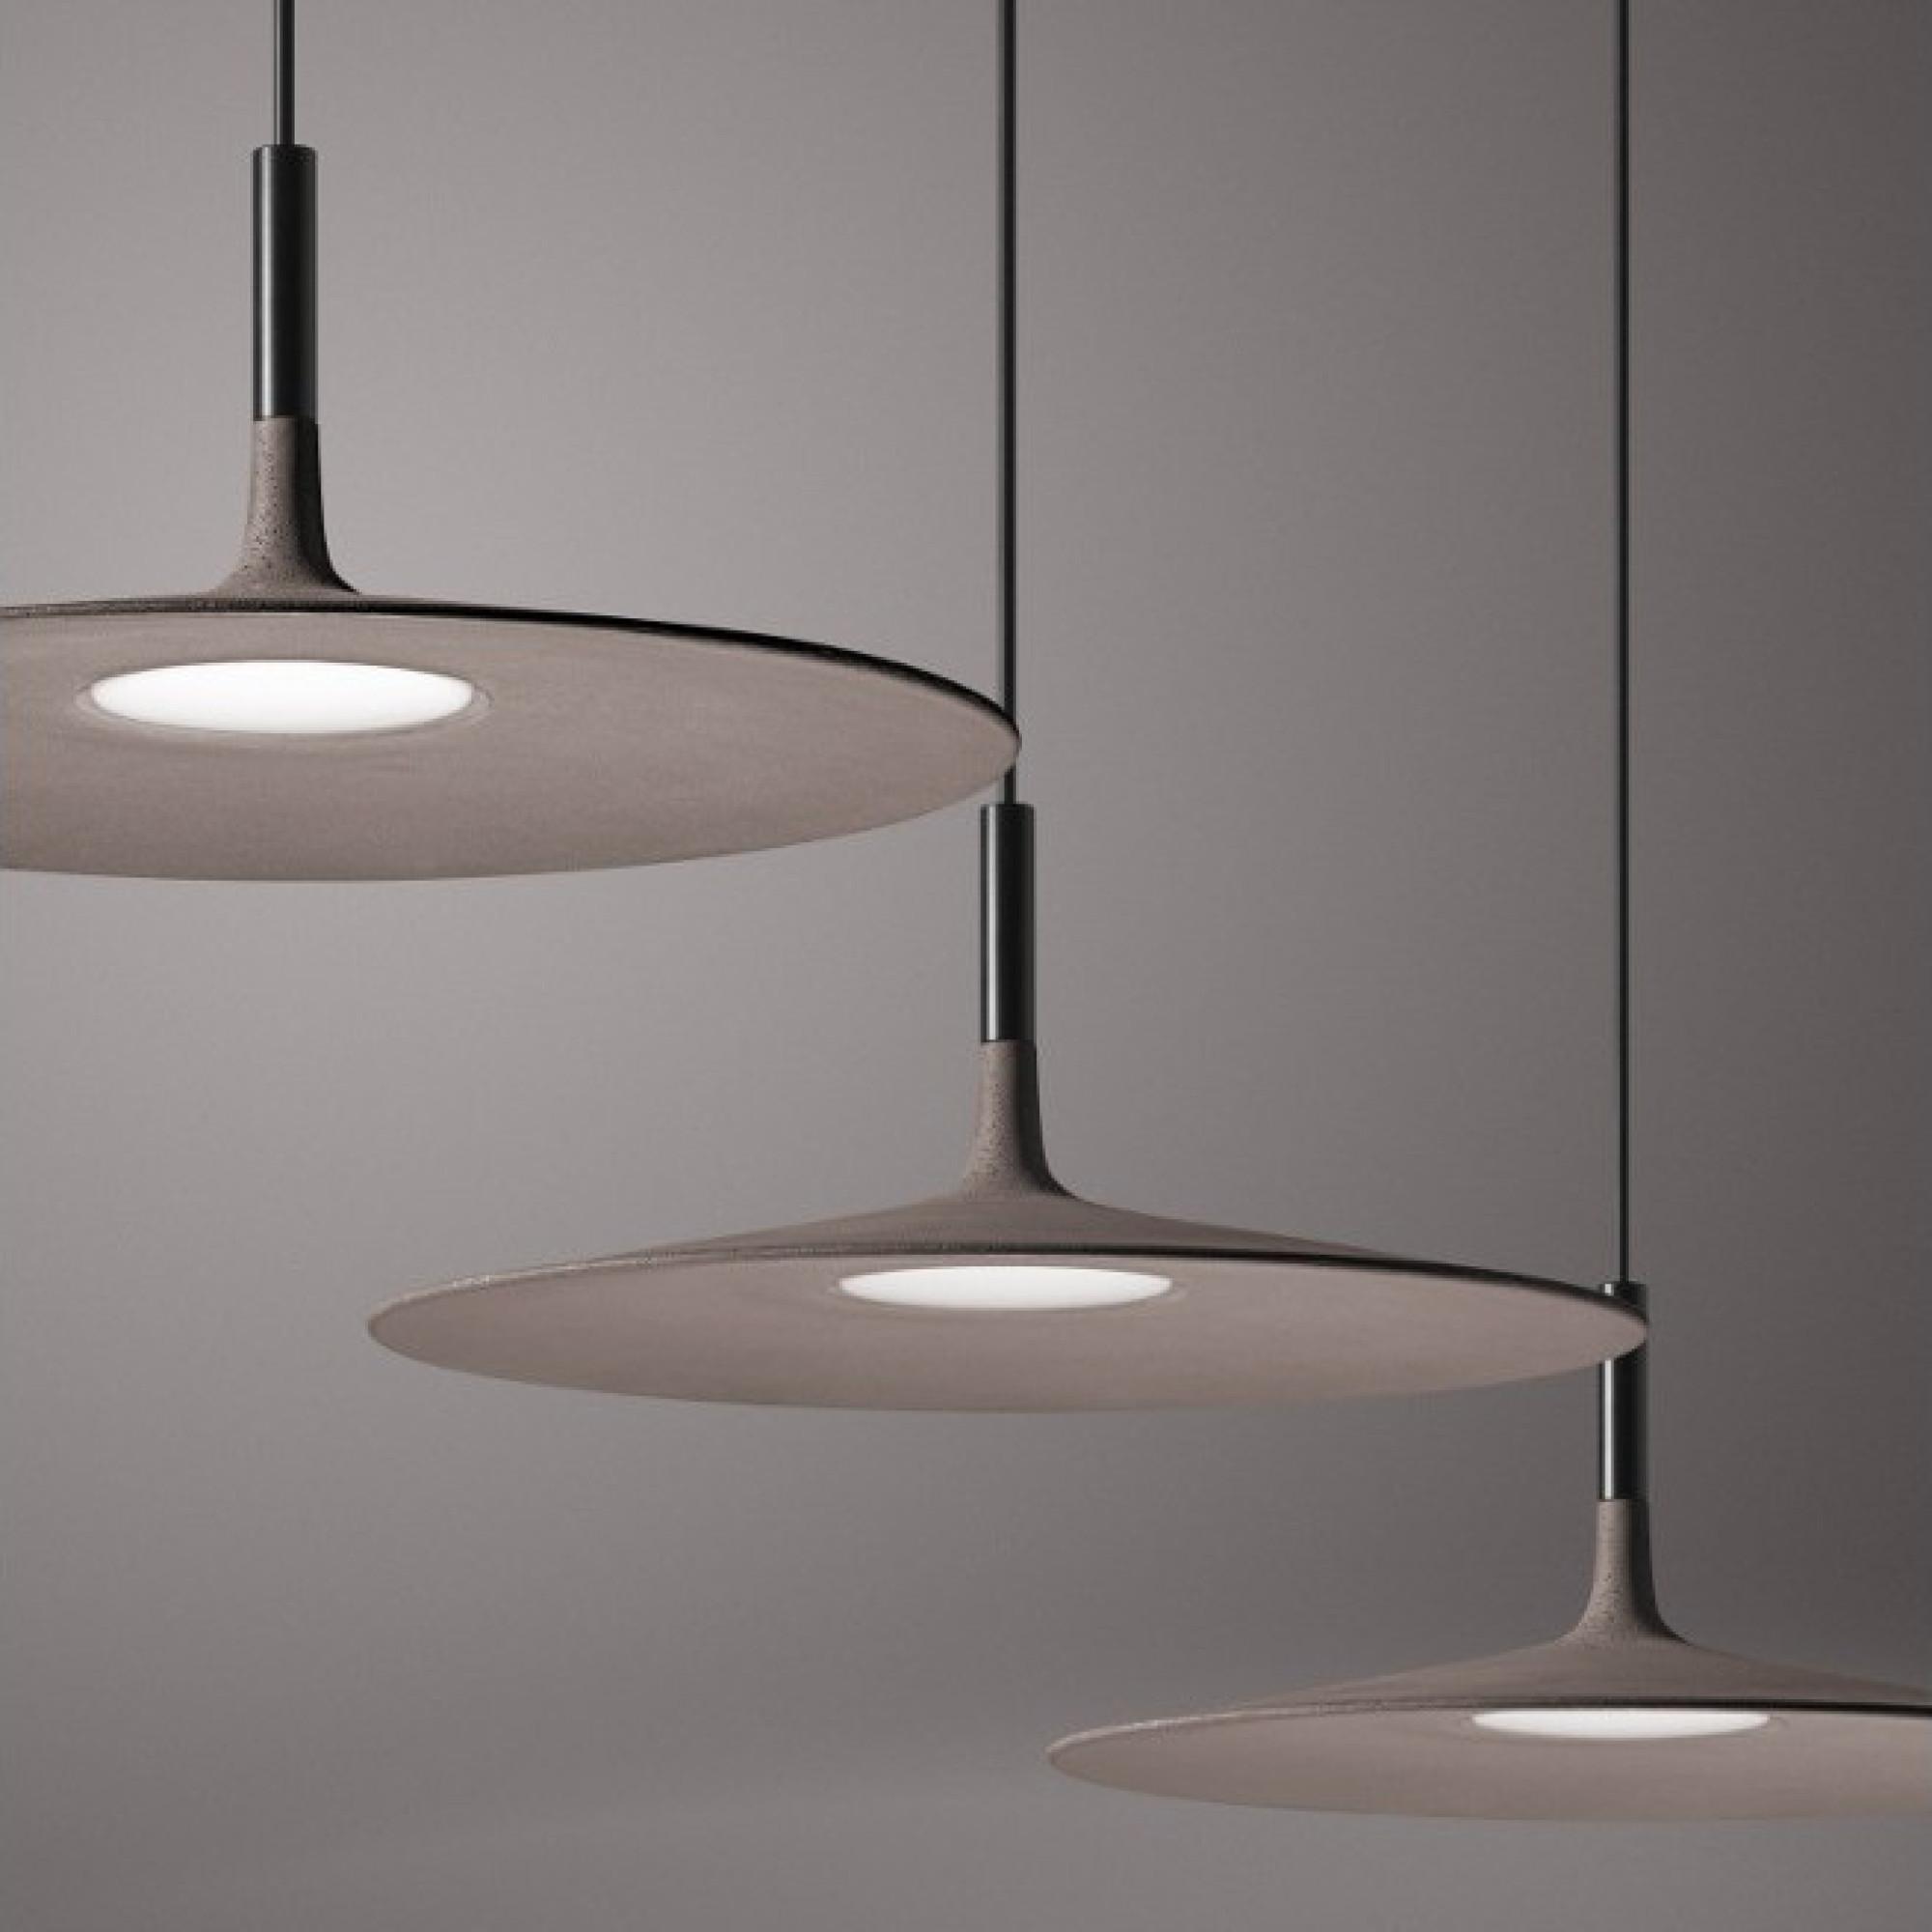 Aplomb Large Suspension Lamp